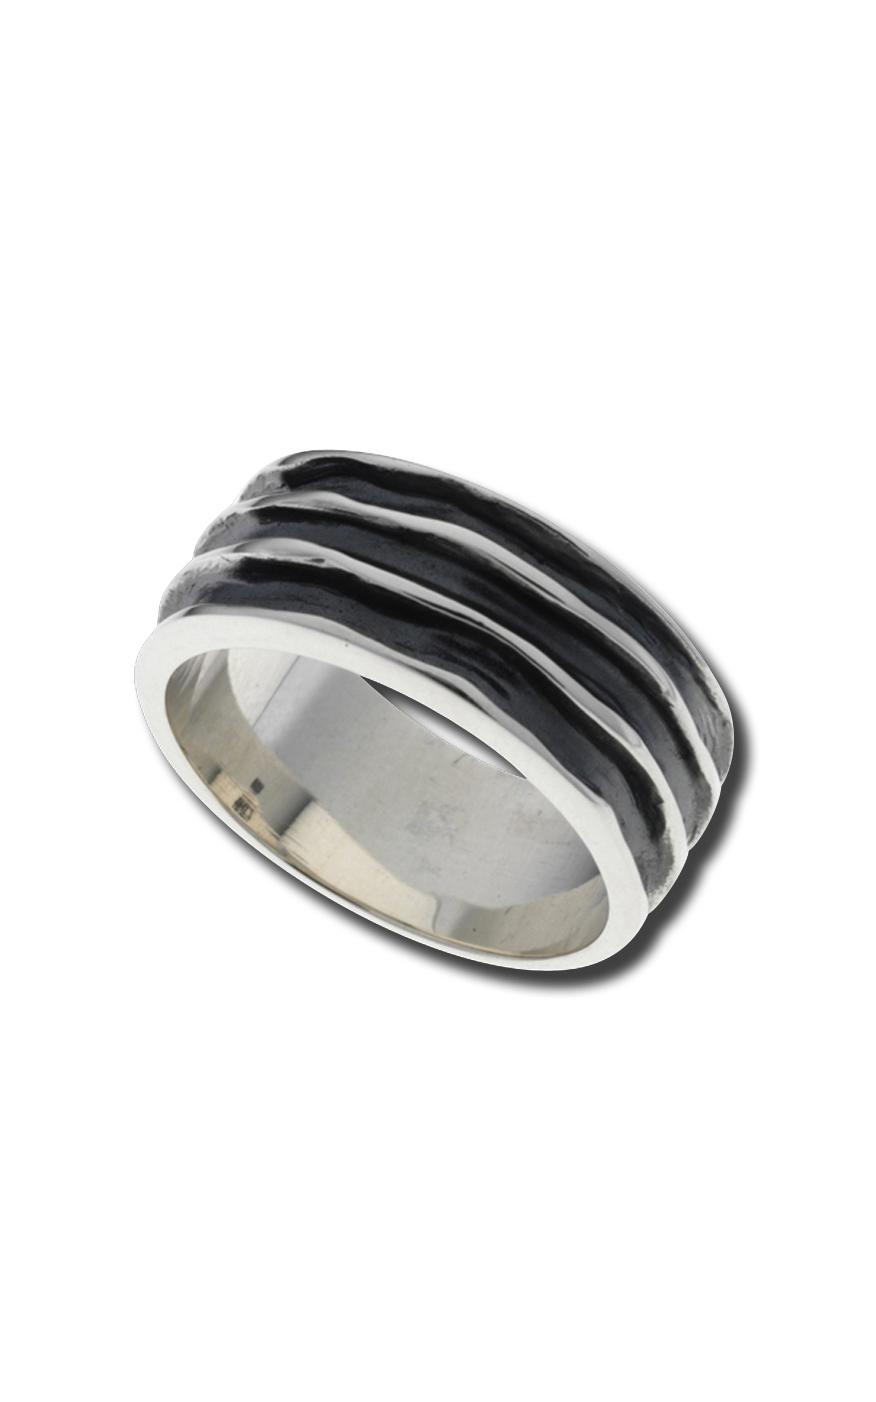 Zina Waves and Meditation Fashion Ring Z1300 product image